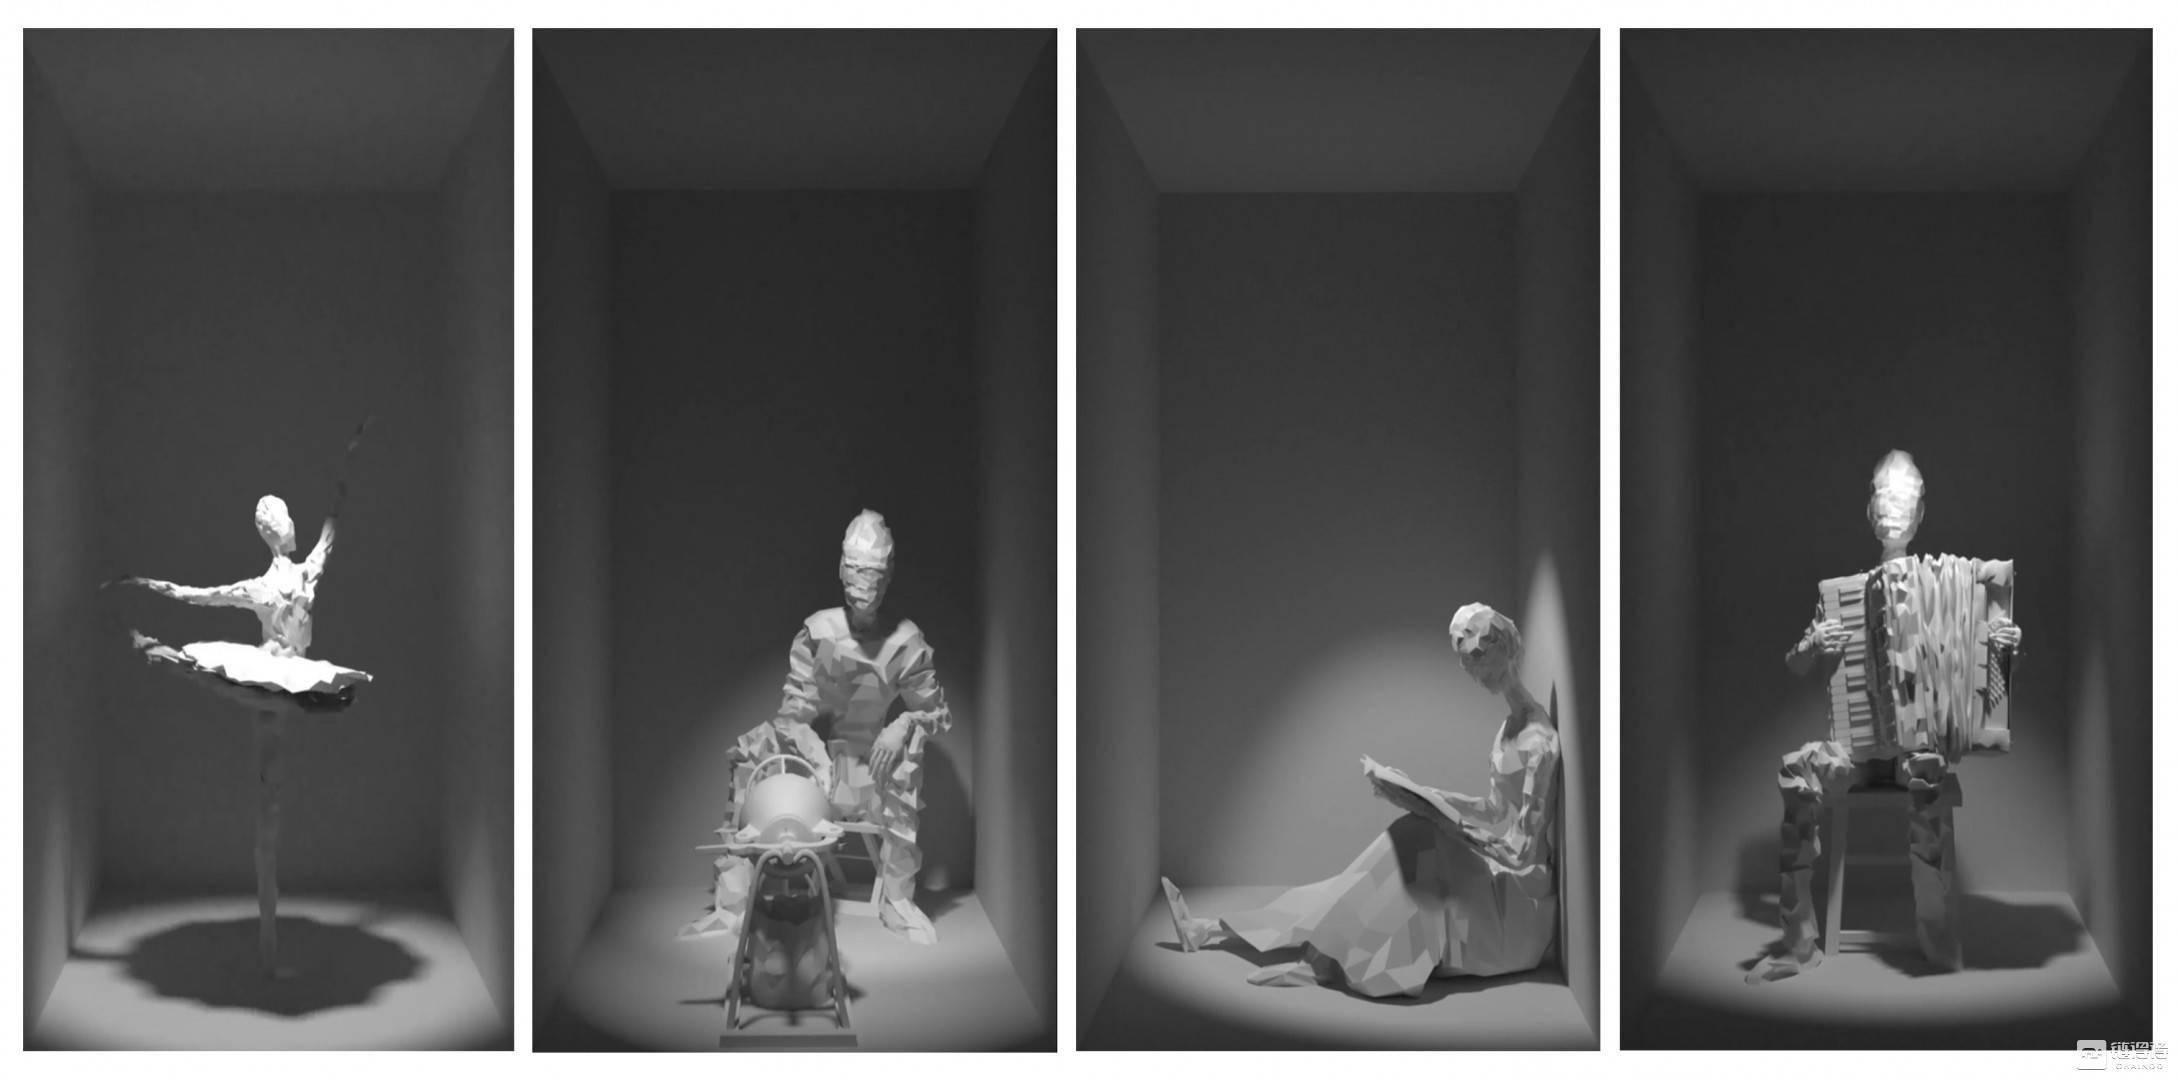 """《艺术的此岸与彼岸》:""""赛博北京·数字艺术节""""拍卖会参拍作品预告  第8张 《艺术的此岸与彼岸》:""""赛博北京·数字艺术节""""拍卖会参拍作品预告 币圈信息"""